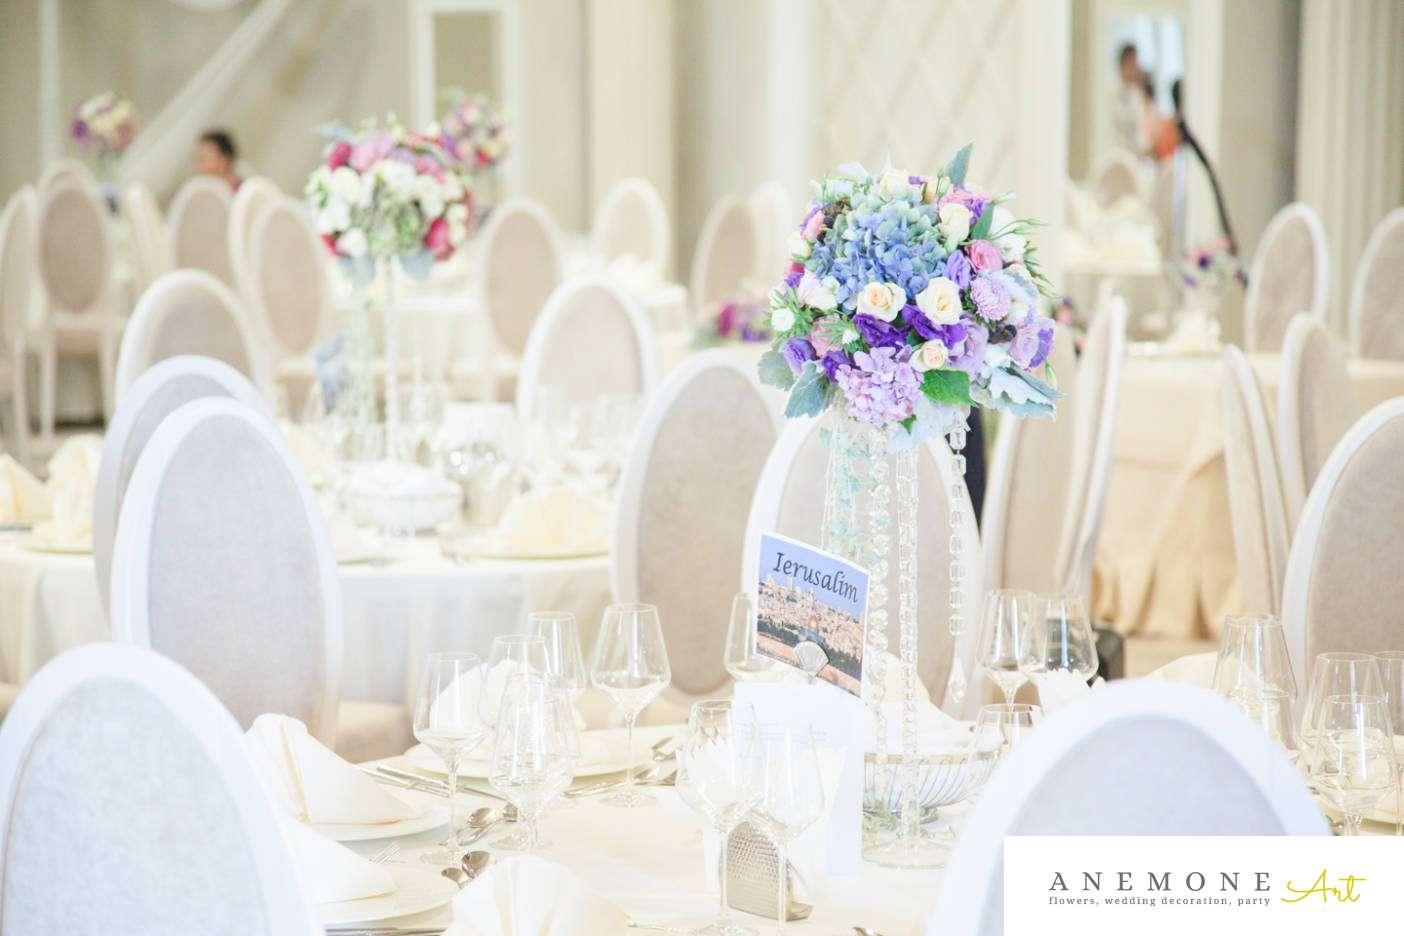 Poza, foto cu Flori de nunta albastru, cristale, decor masa, mov, roz in Arad, Timisoara, Oradea (wedding flowers, bouquets) nunta Arad, Timisoara, Oradea